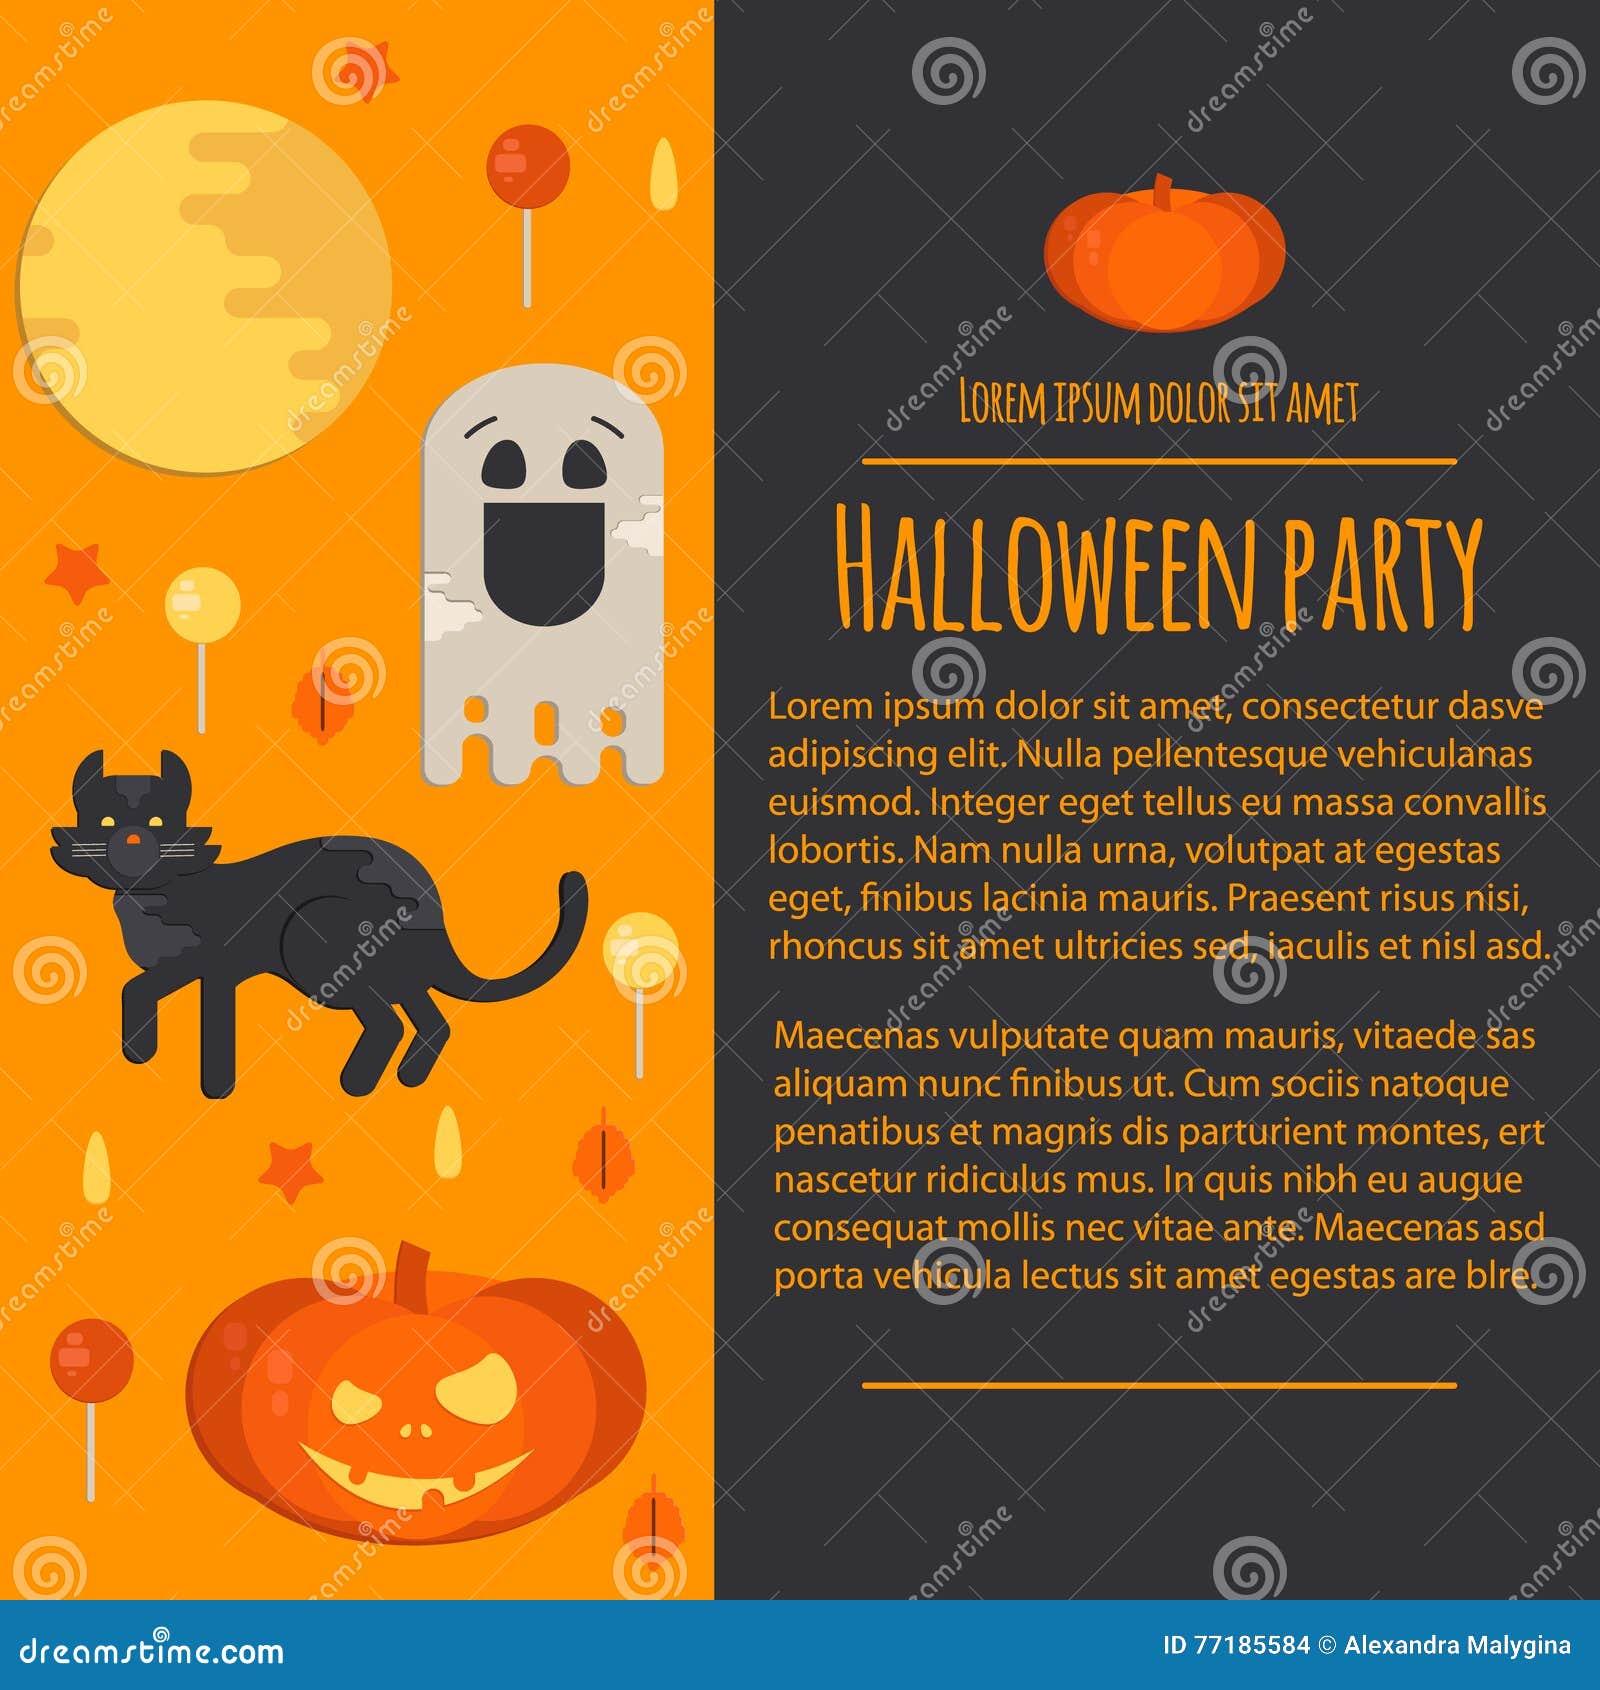 Letterhead Template In Flat Style: Halloween Concept Letterhead Template In Flat Style Stock